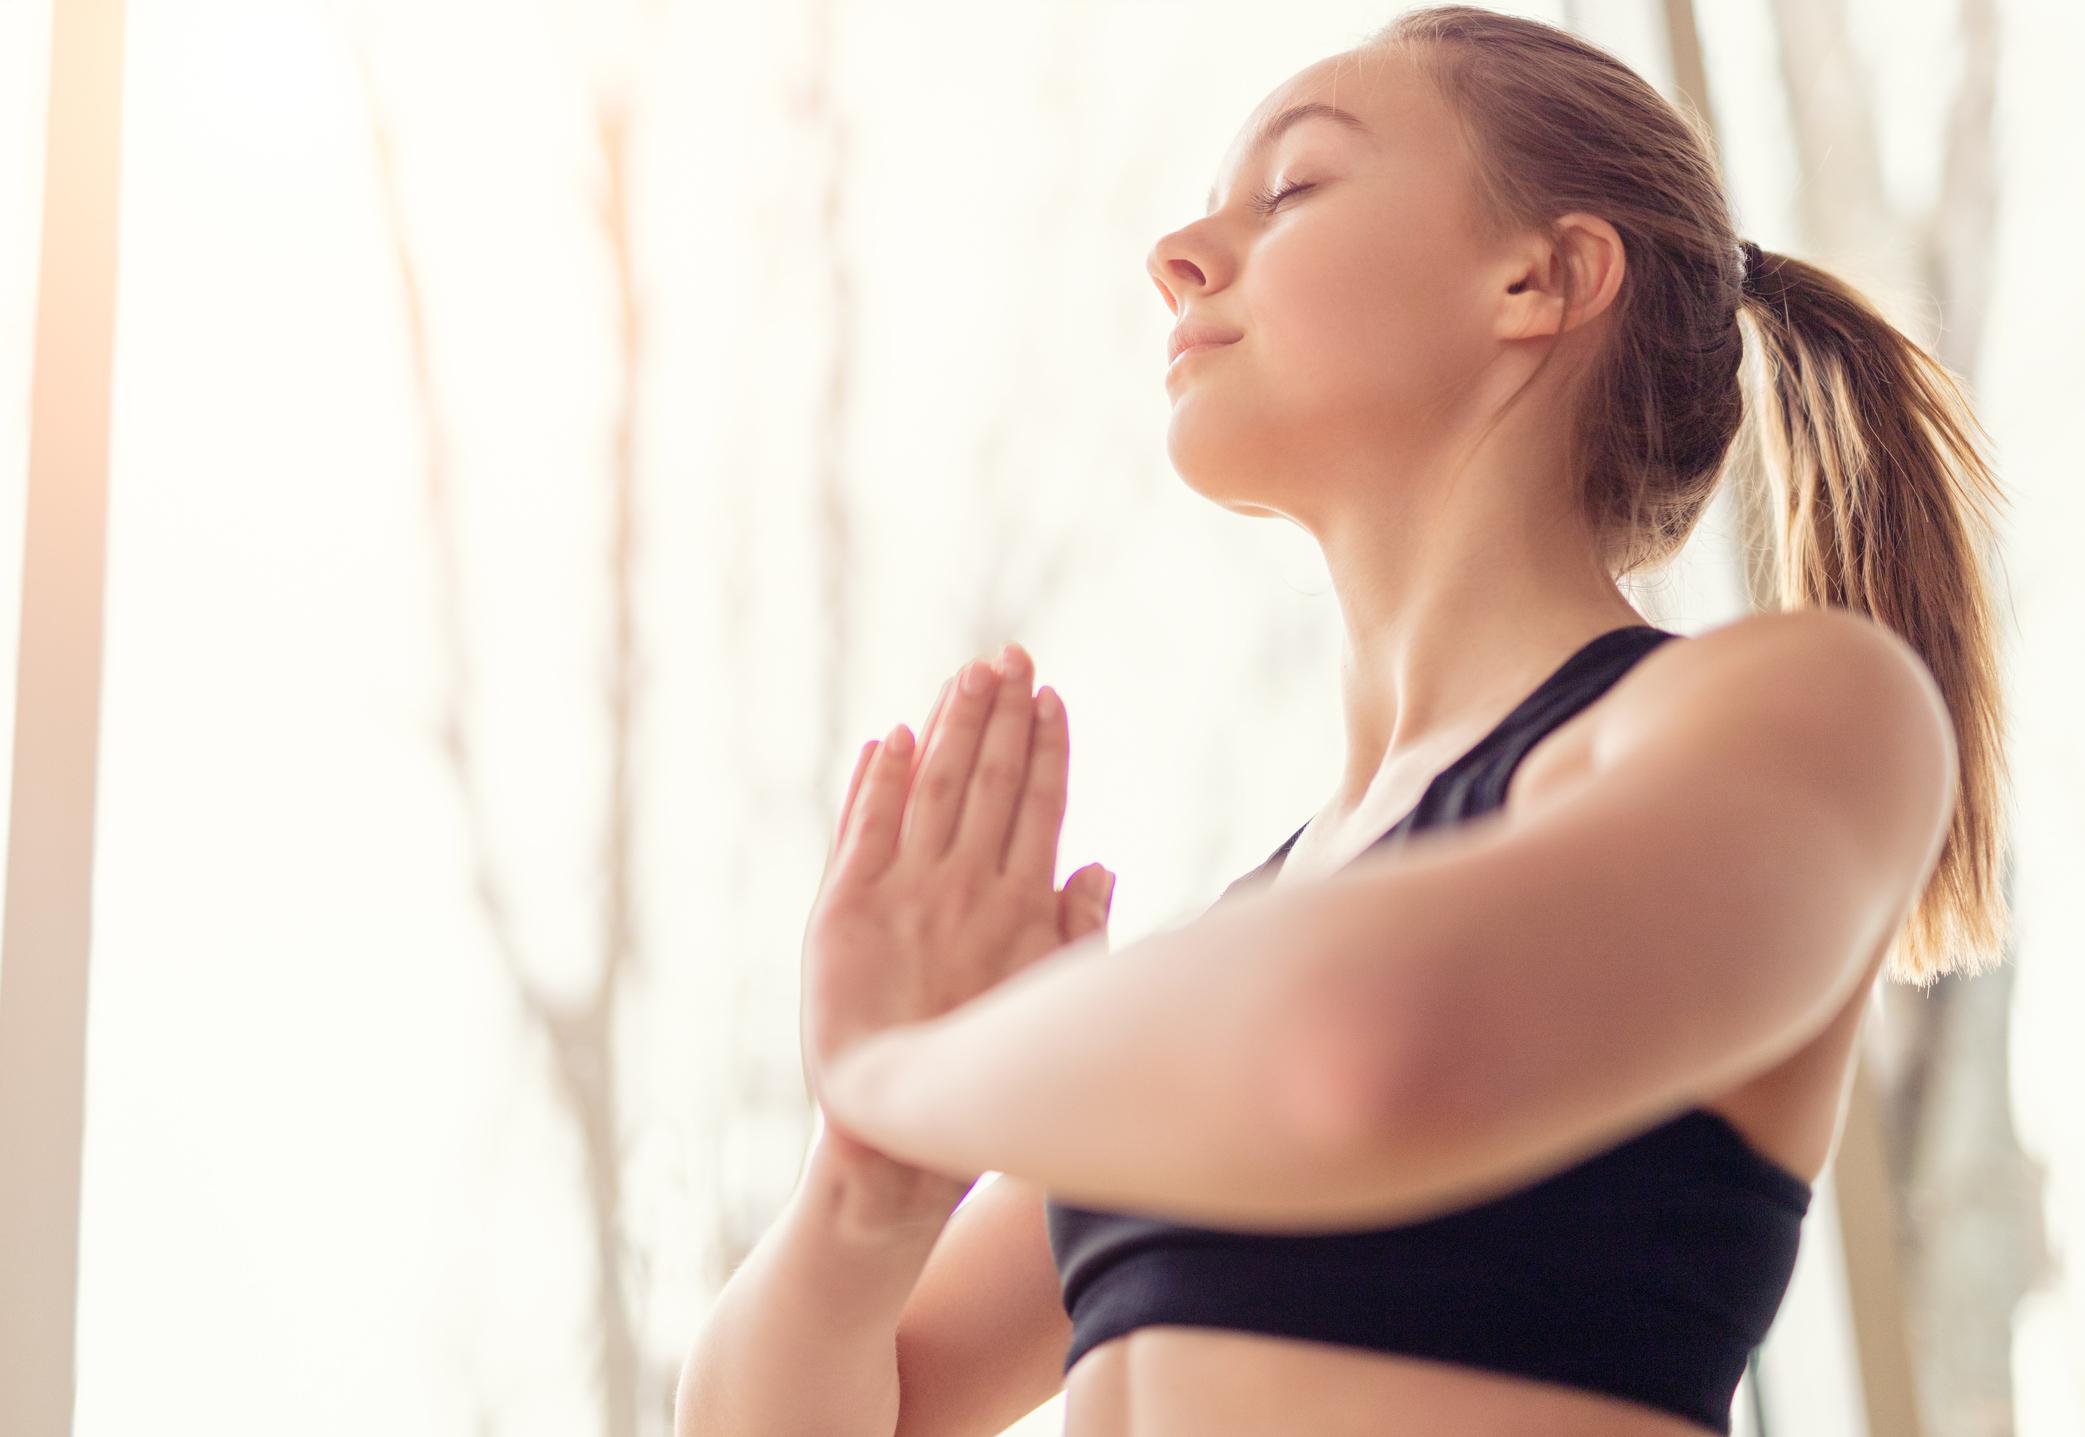 Respire fundo: como lidar com a ansiedade em tempos de incerteza